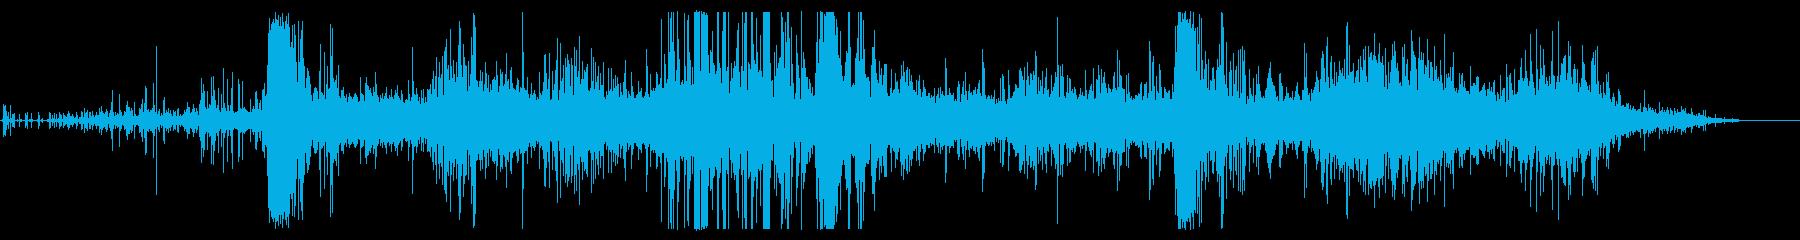 ロックスライド:ミディアムの再生済みの波形